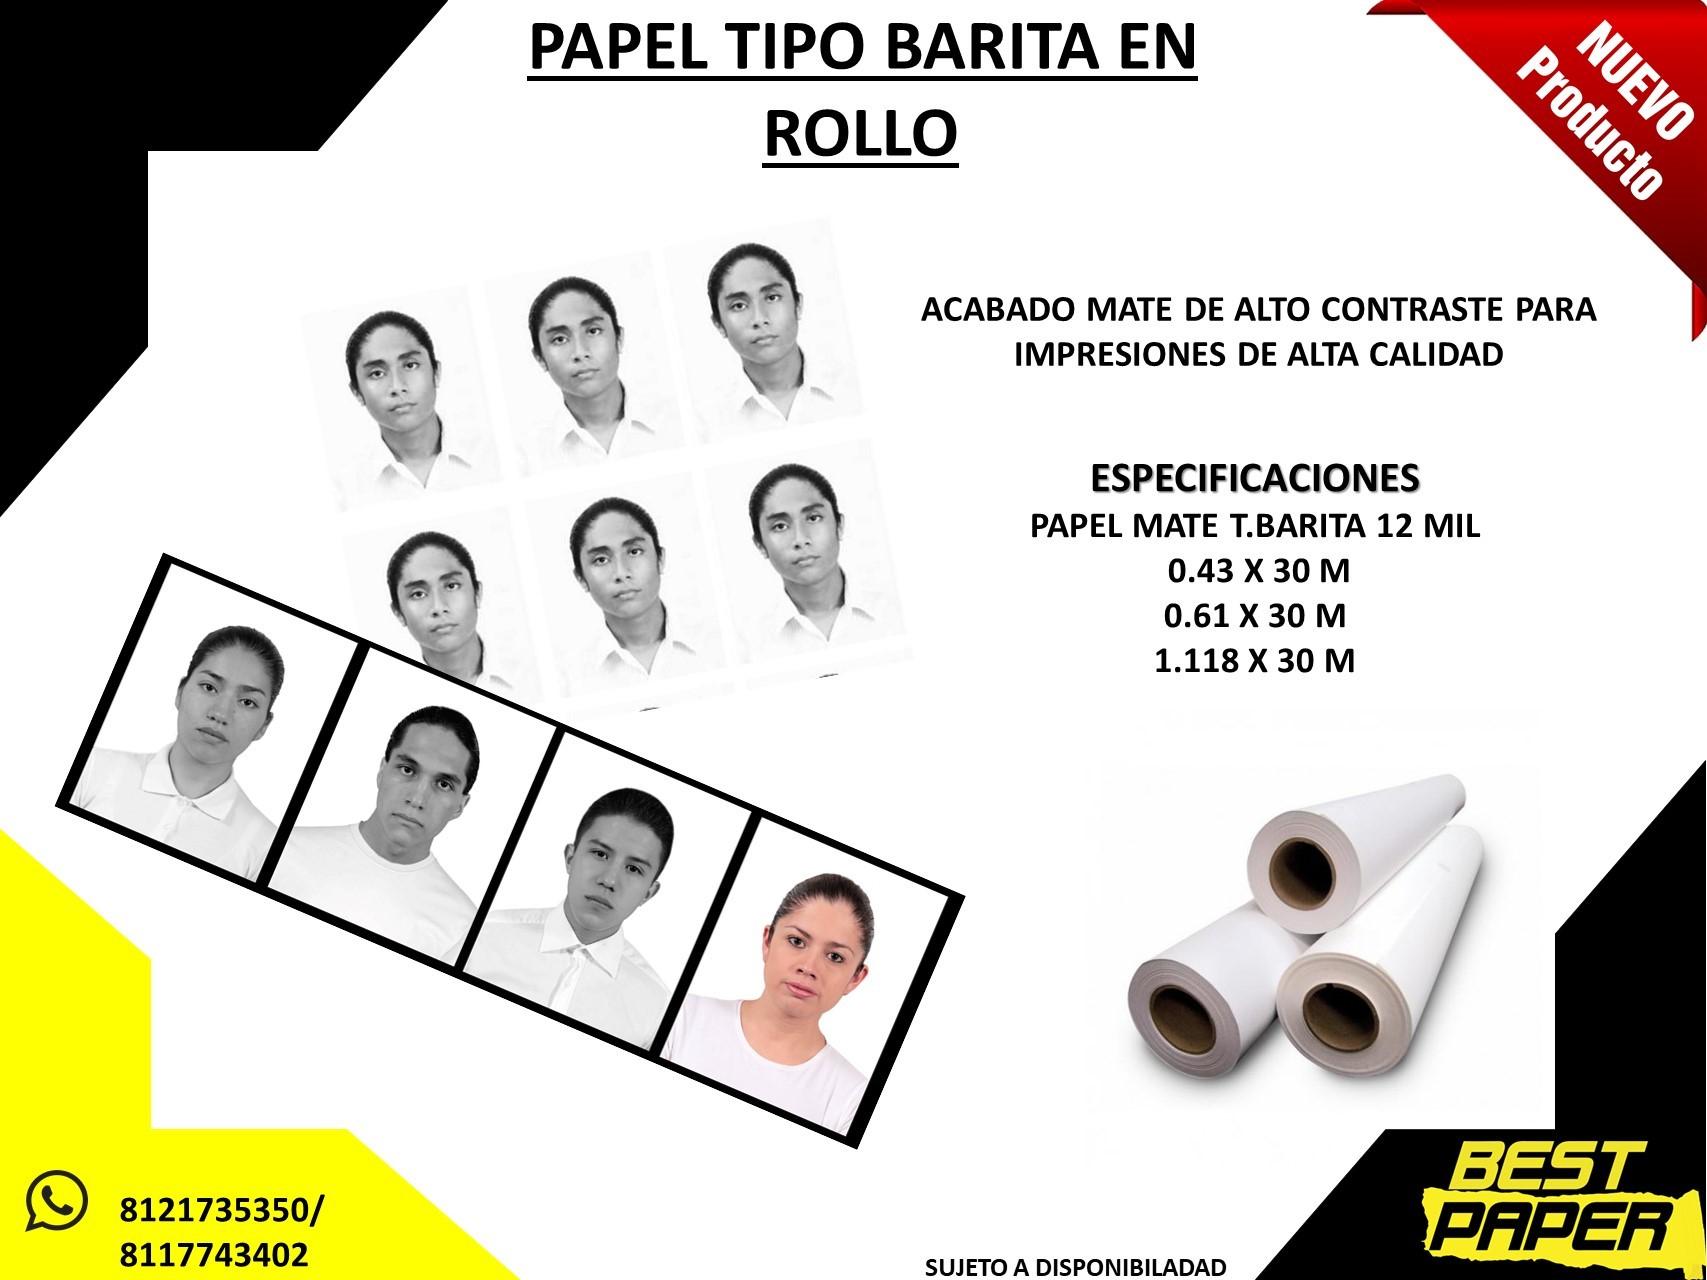 ROLLO PAPEL TIPO BARITA